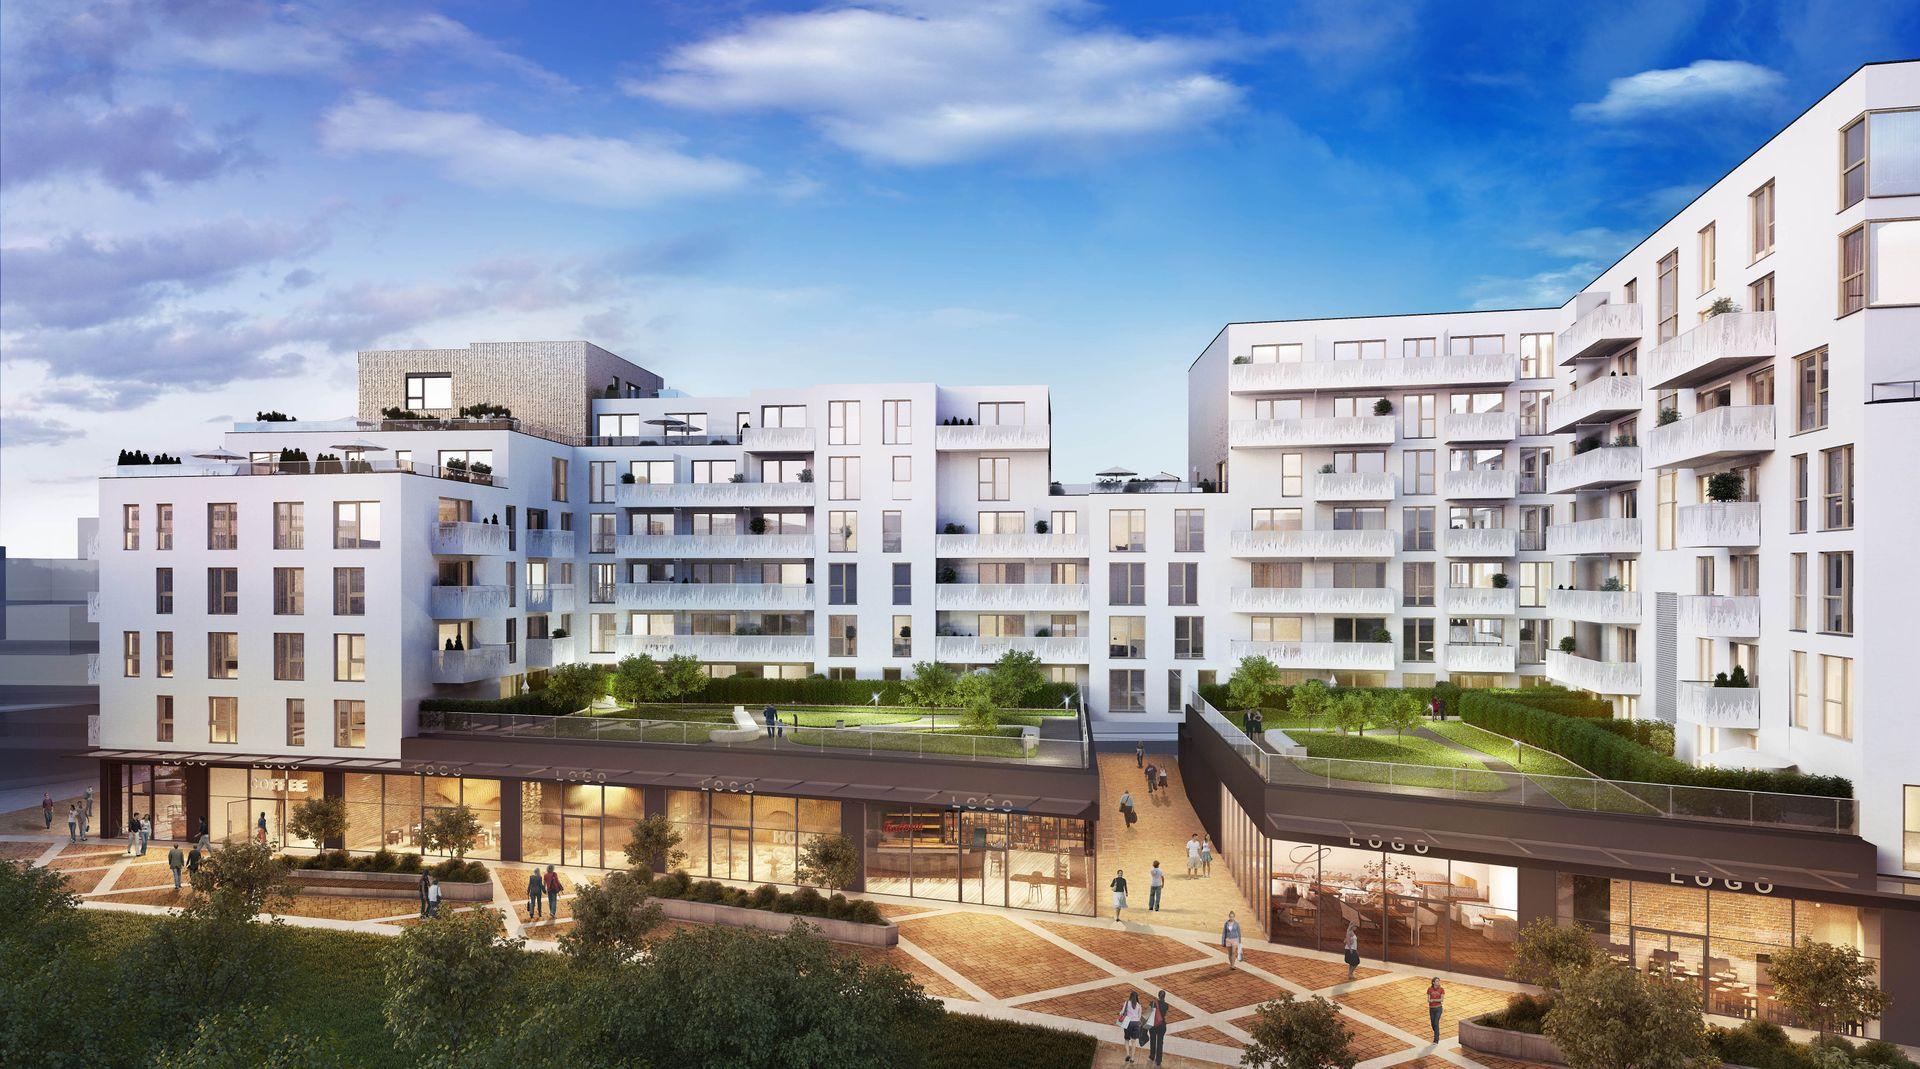 [Wrocław] Metropolitan Investment finalizuje transakcję we Wrocławiu